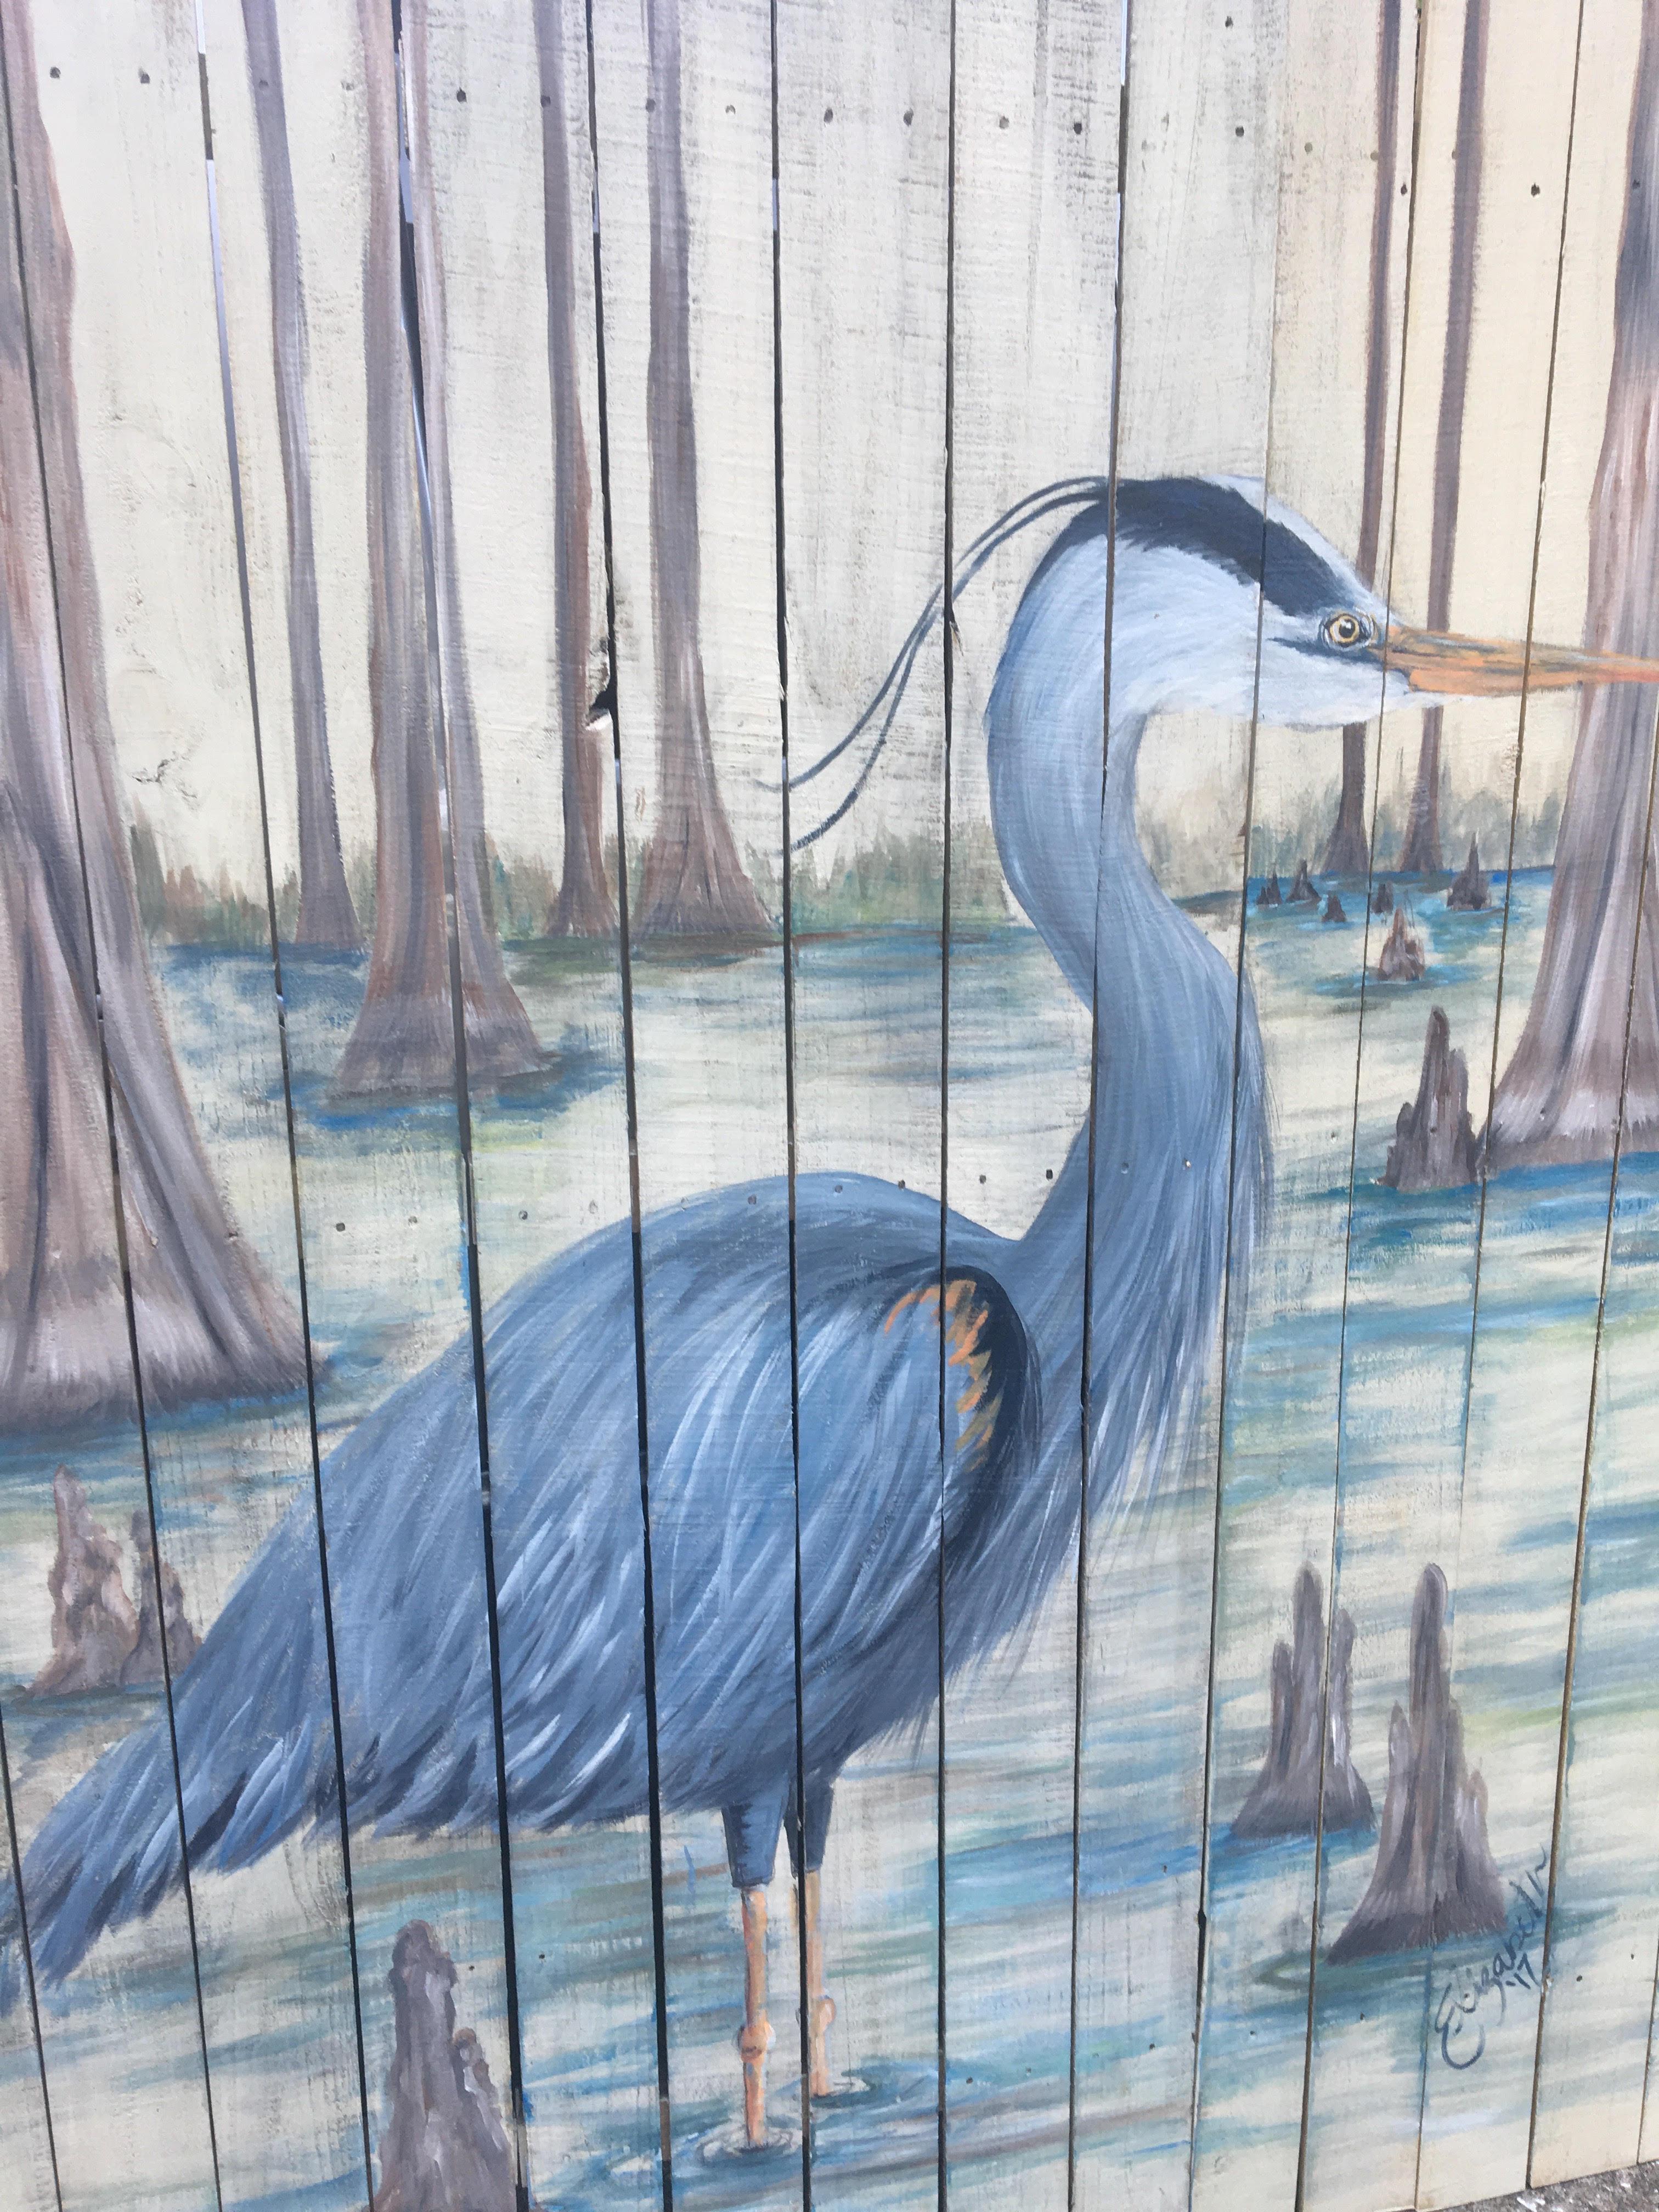 Heron's Knees elizabeth & co art